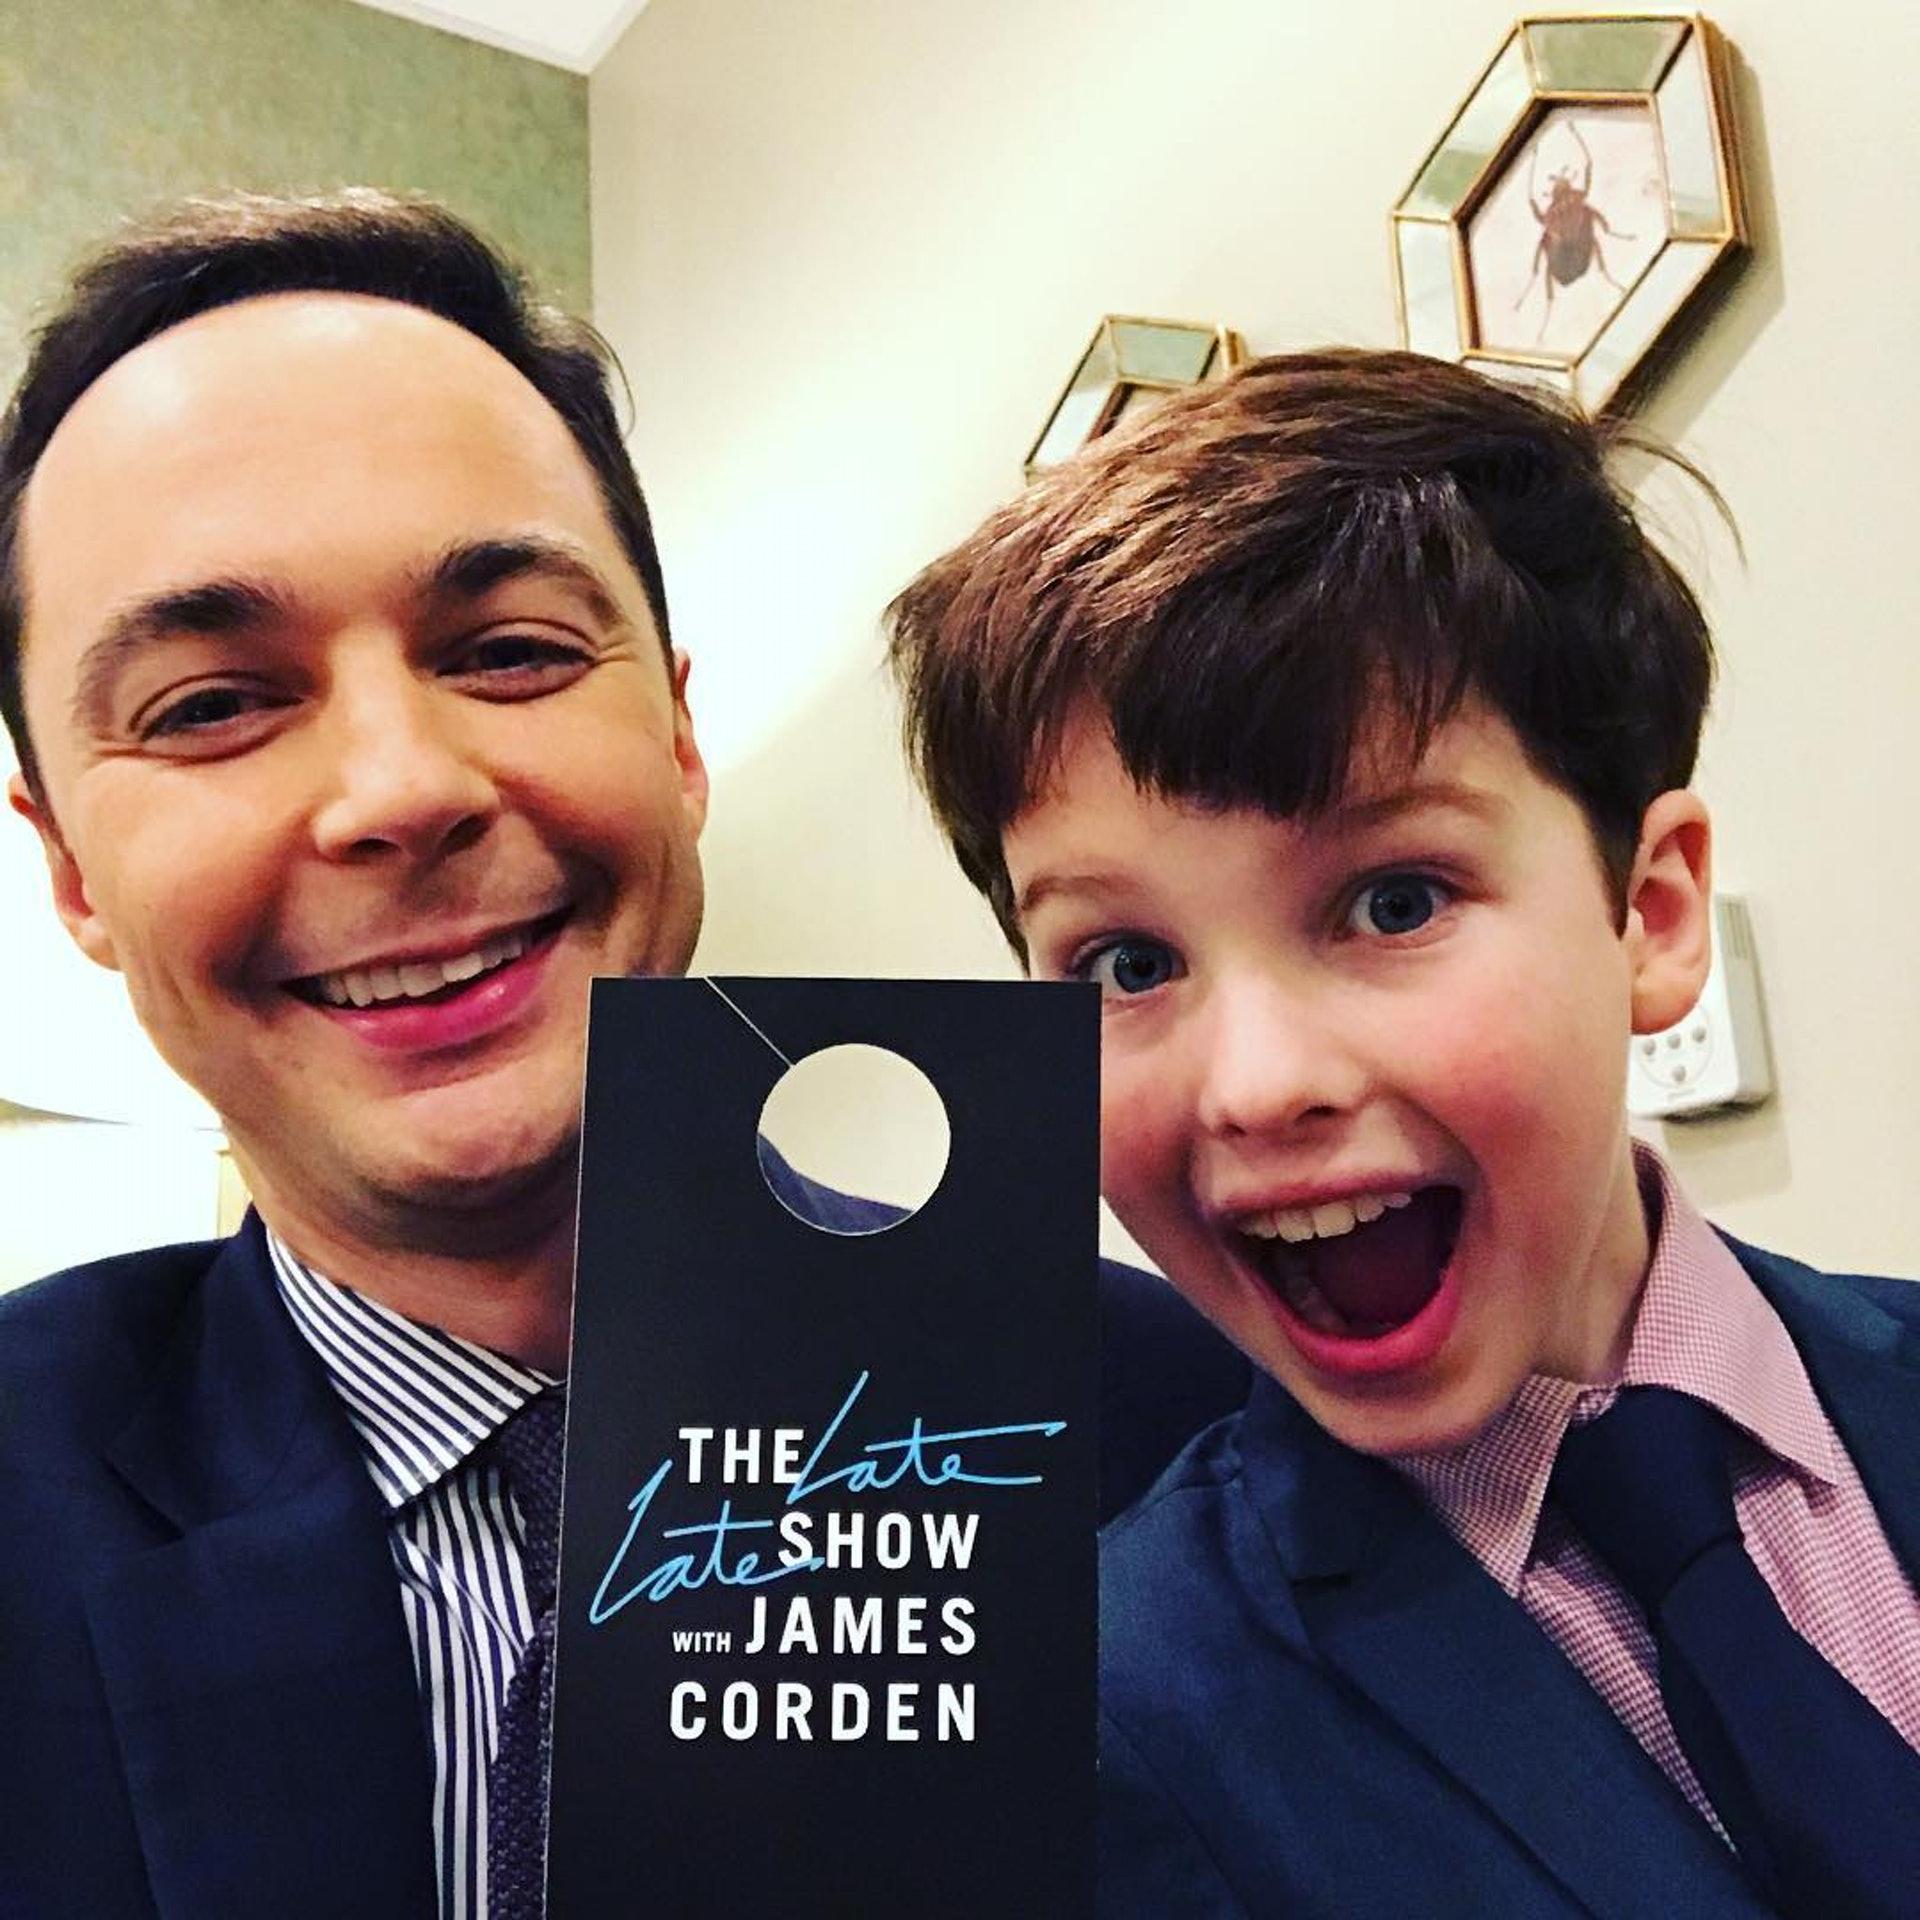 Parsons在《The Big Bang Theory》扮演的Sheldon令人印象深刻,深受觀眾喜愛,因此製作衍生劇《Young Sheldon》。(IG圖片)